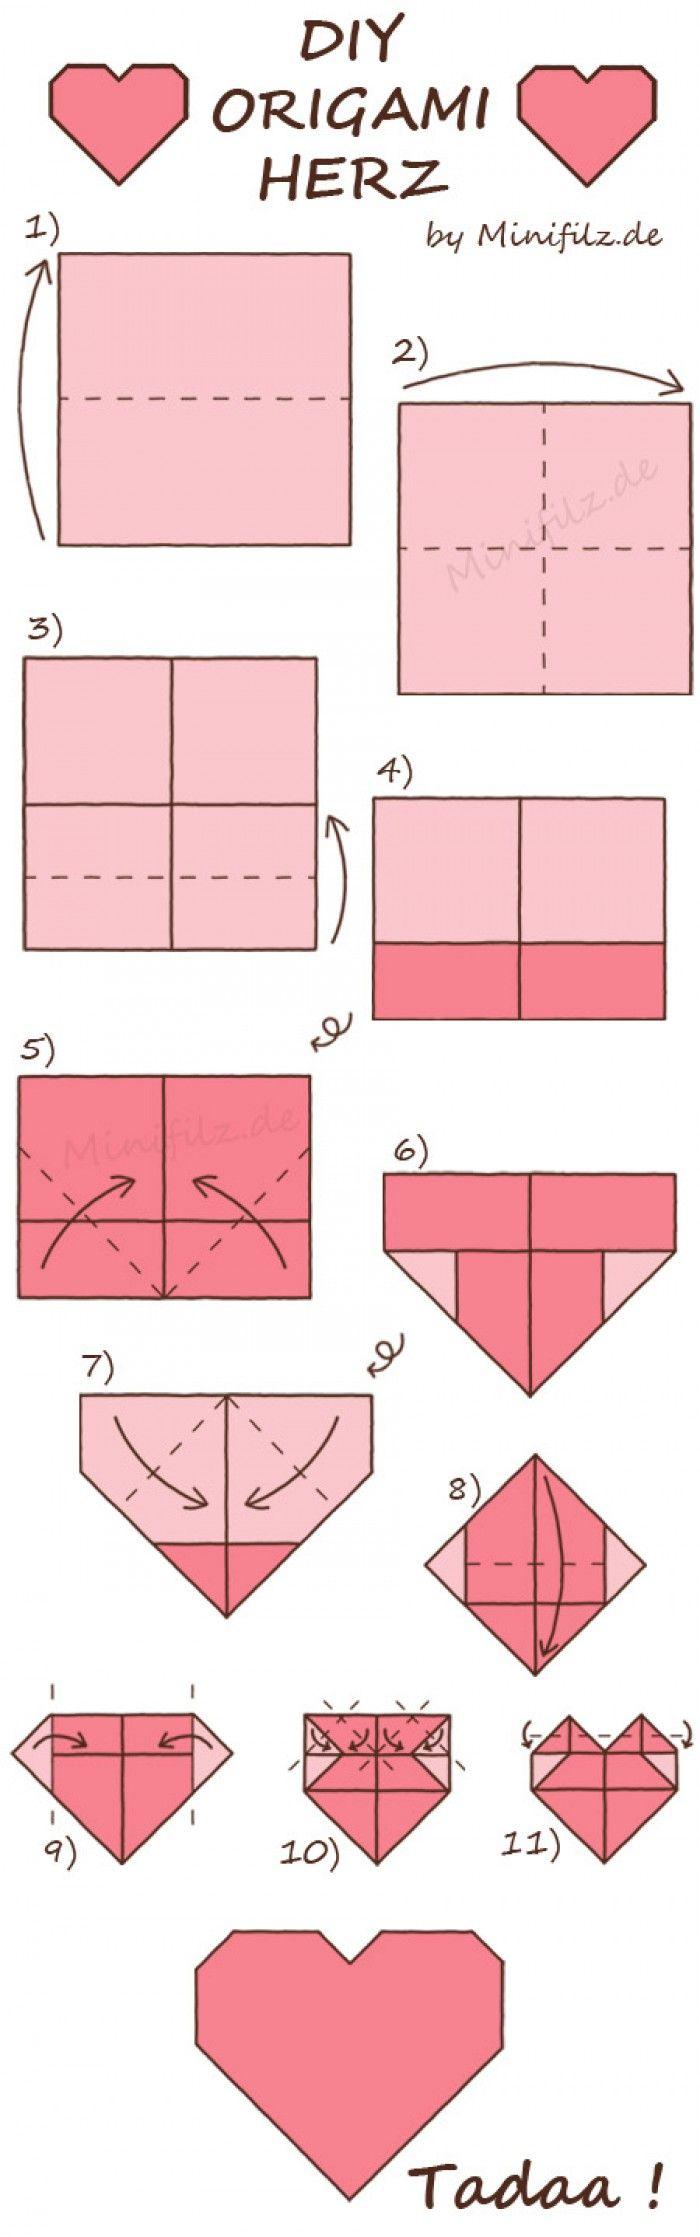 Origami Herz zum Falten für den Valentinstag. Noch mehr Ideen gibt es auf www.Spaaz.de